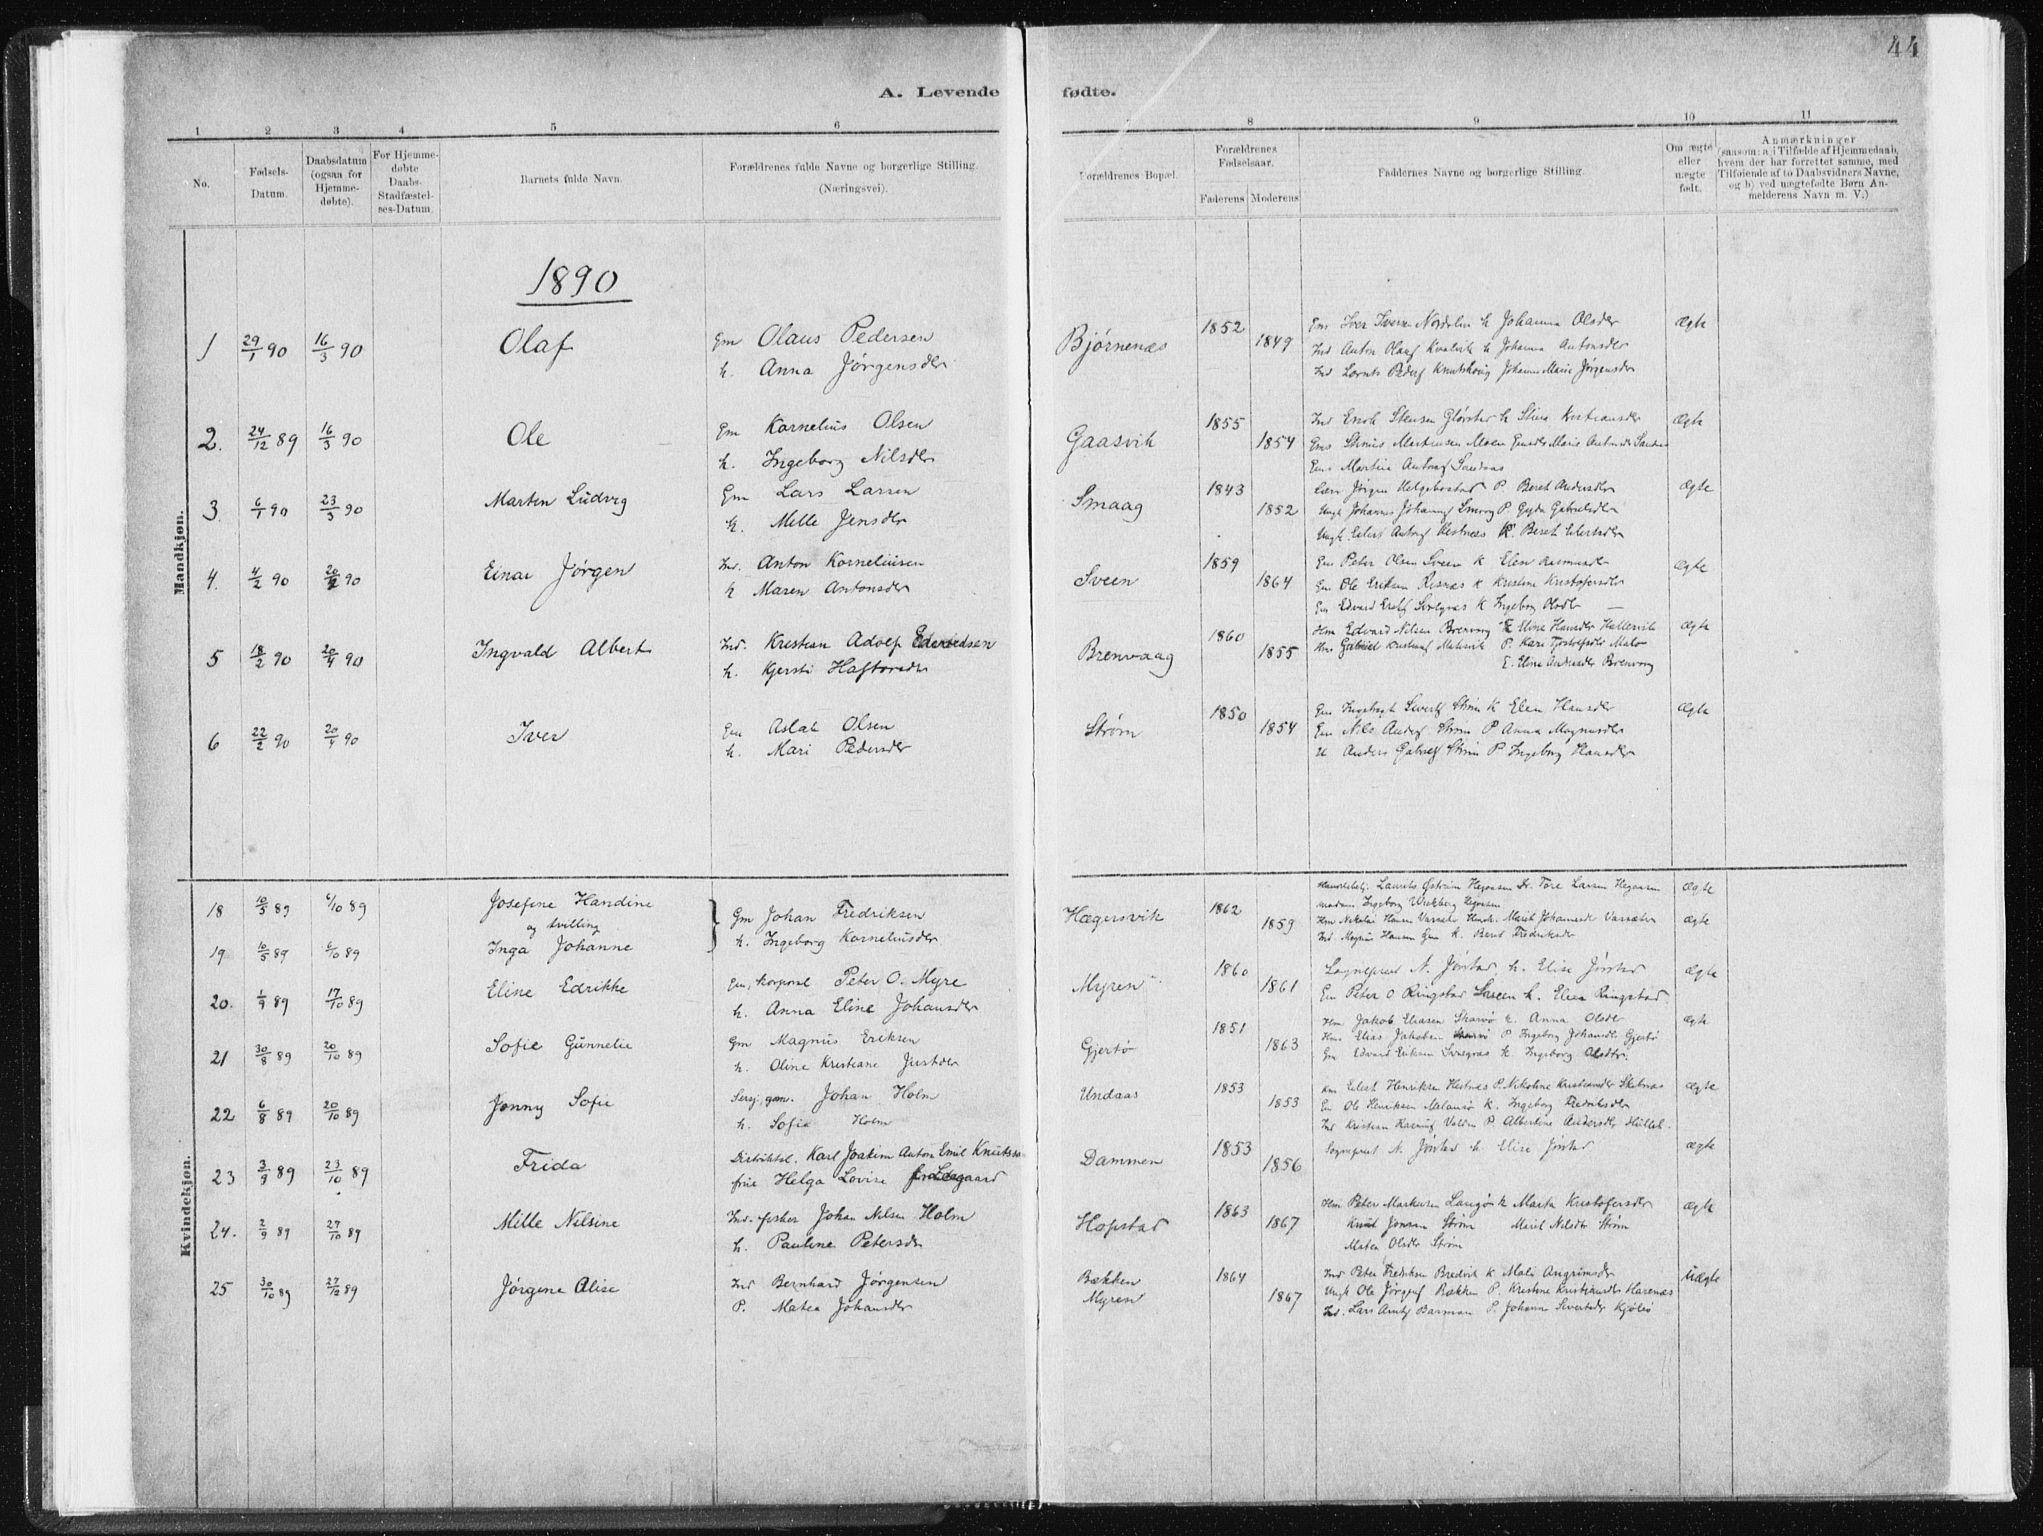 SAT, Ministerialprotokoller, klokkerbøker og fødselsregistre - Sør-Trøndelag, 634/L0533: Ministerialbok nr. 634A09, 1882-1901, s. 44